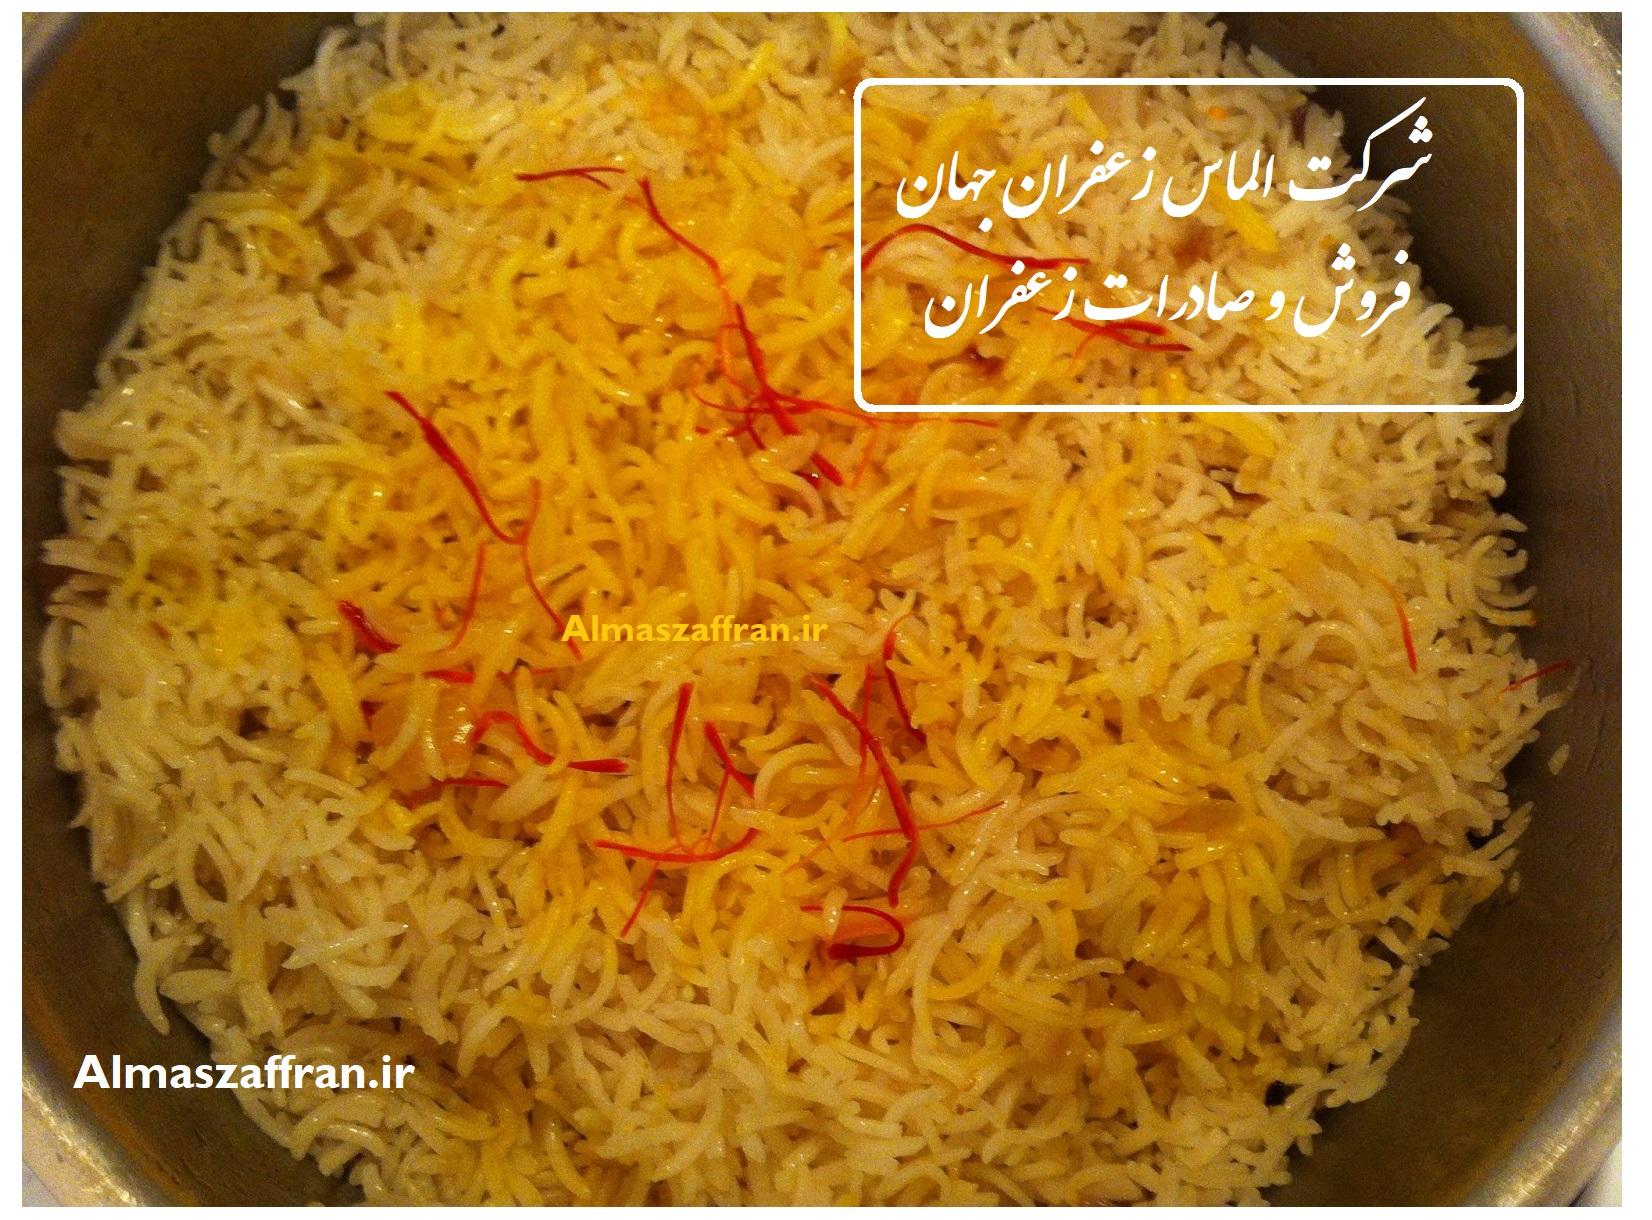 ارزش غذایی زعفران صادراتی